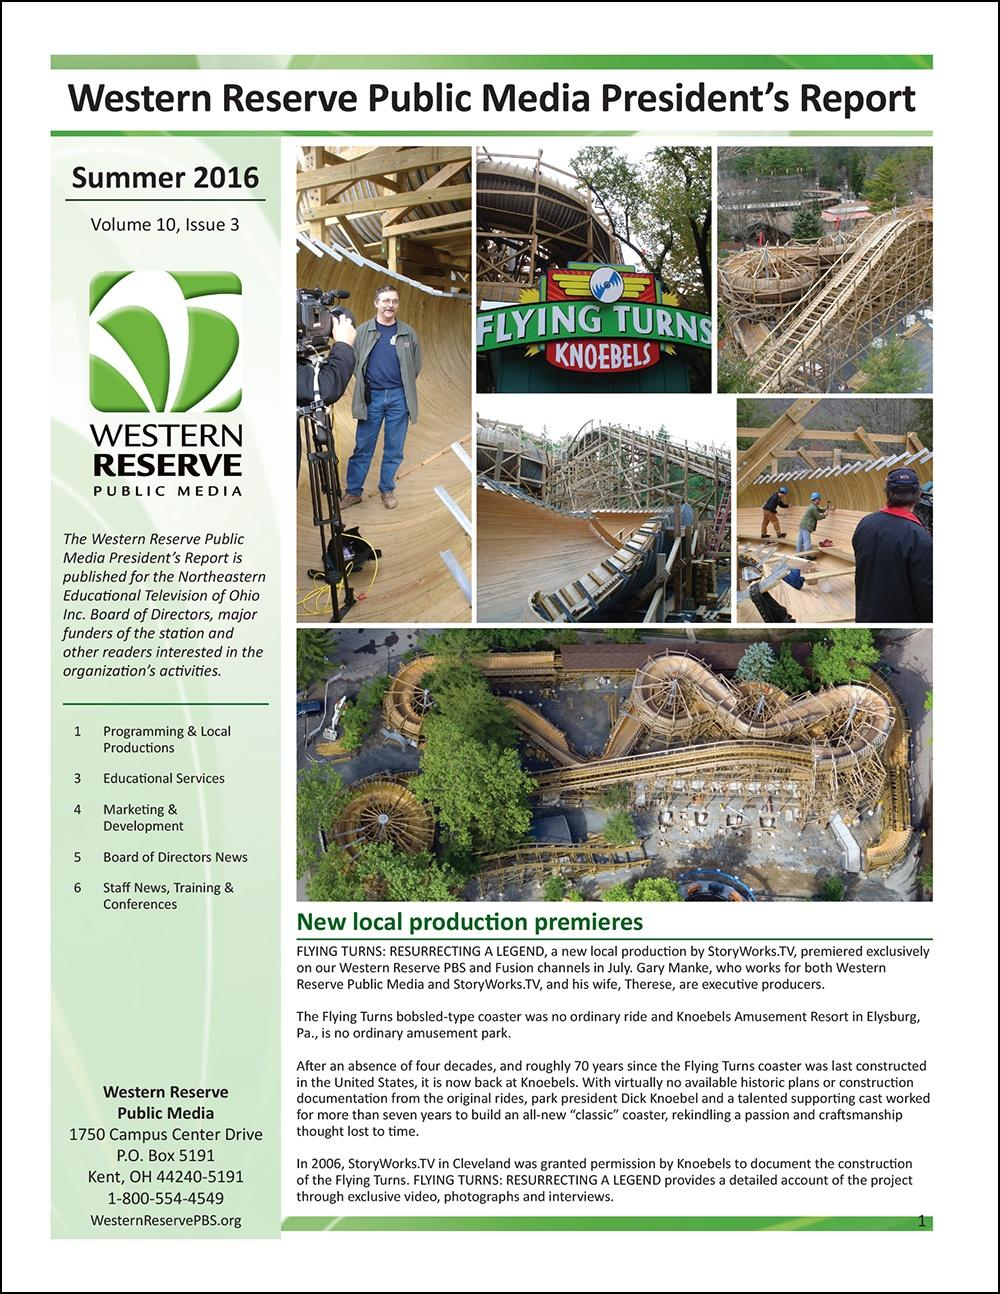 Summer 2016 - Volume 10, Issue 3